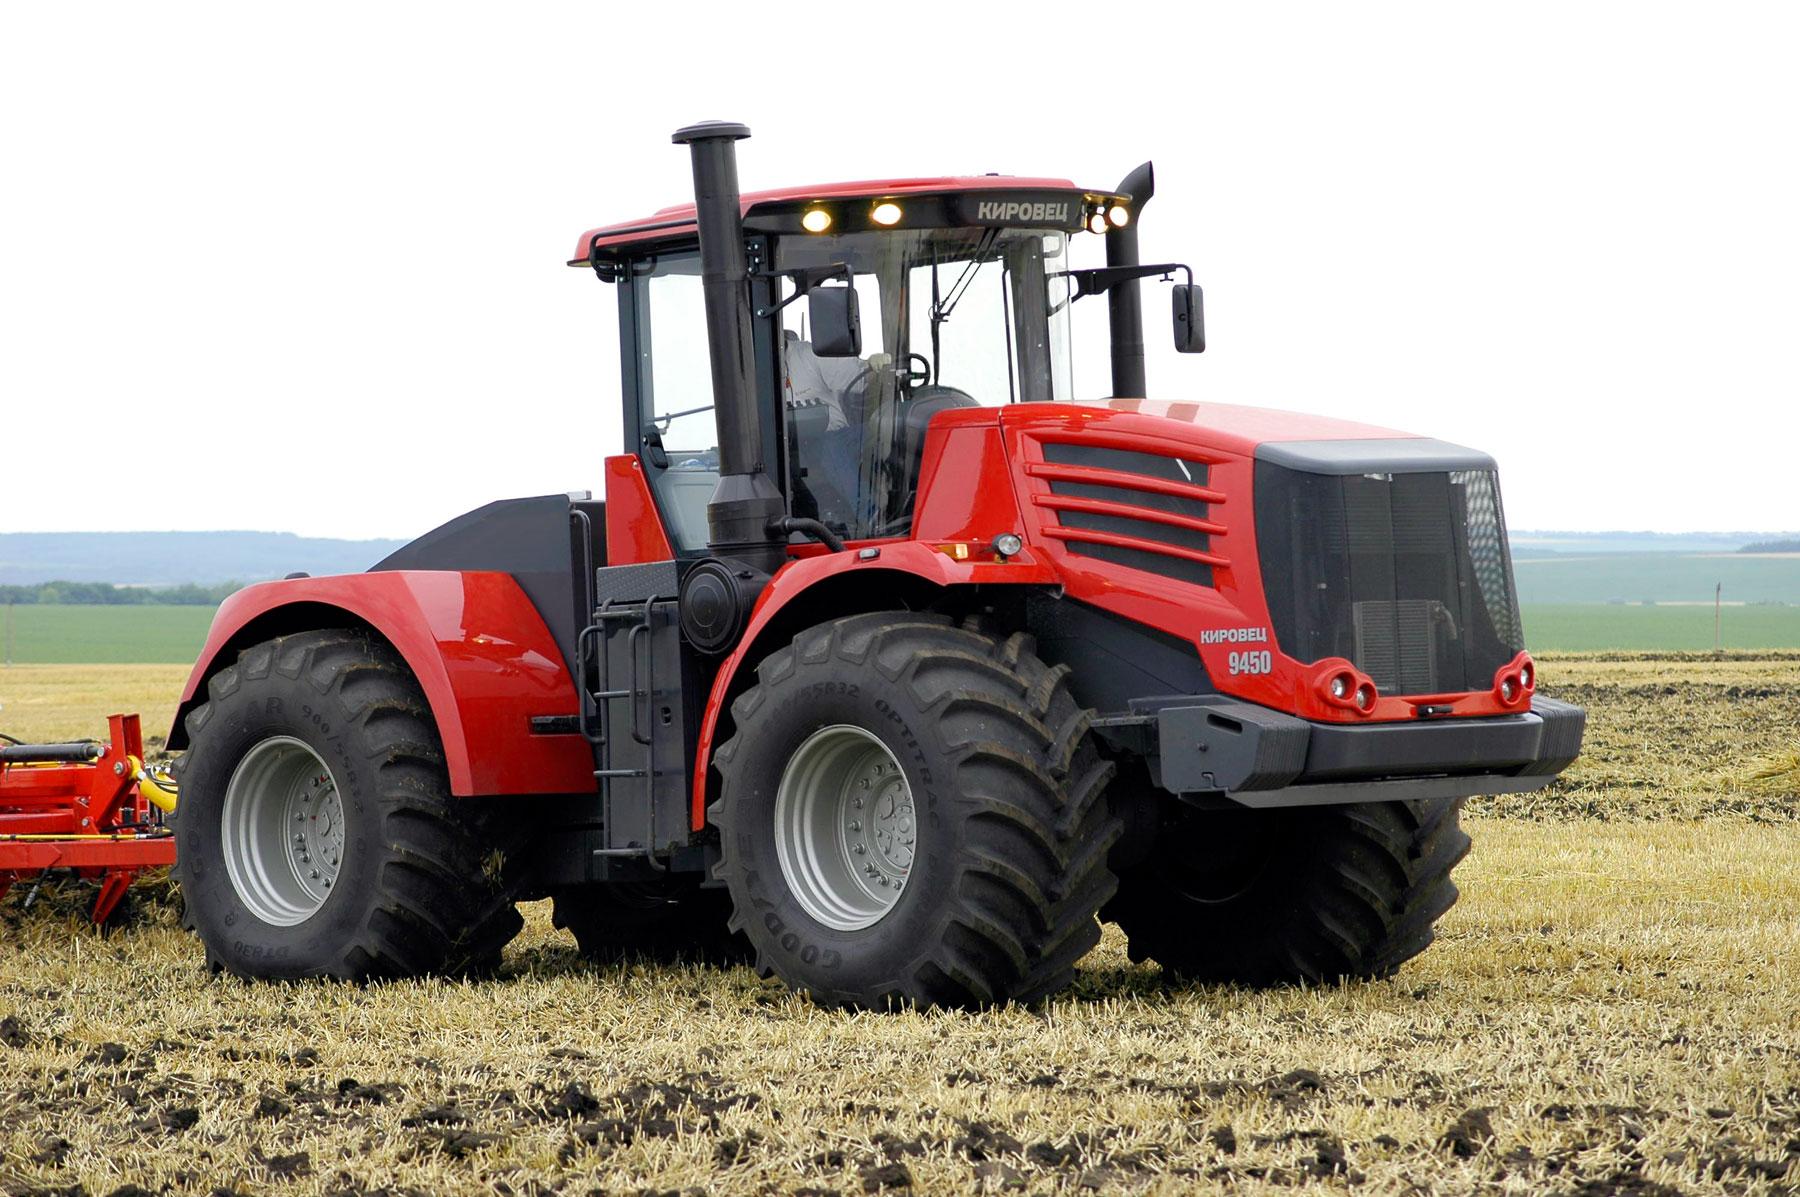 Трактор Кировец к-744 Р2 - kirovets.ru